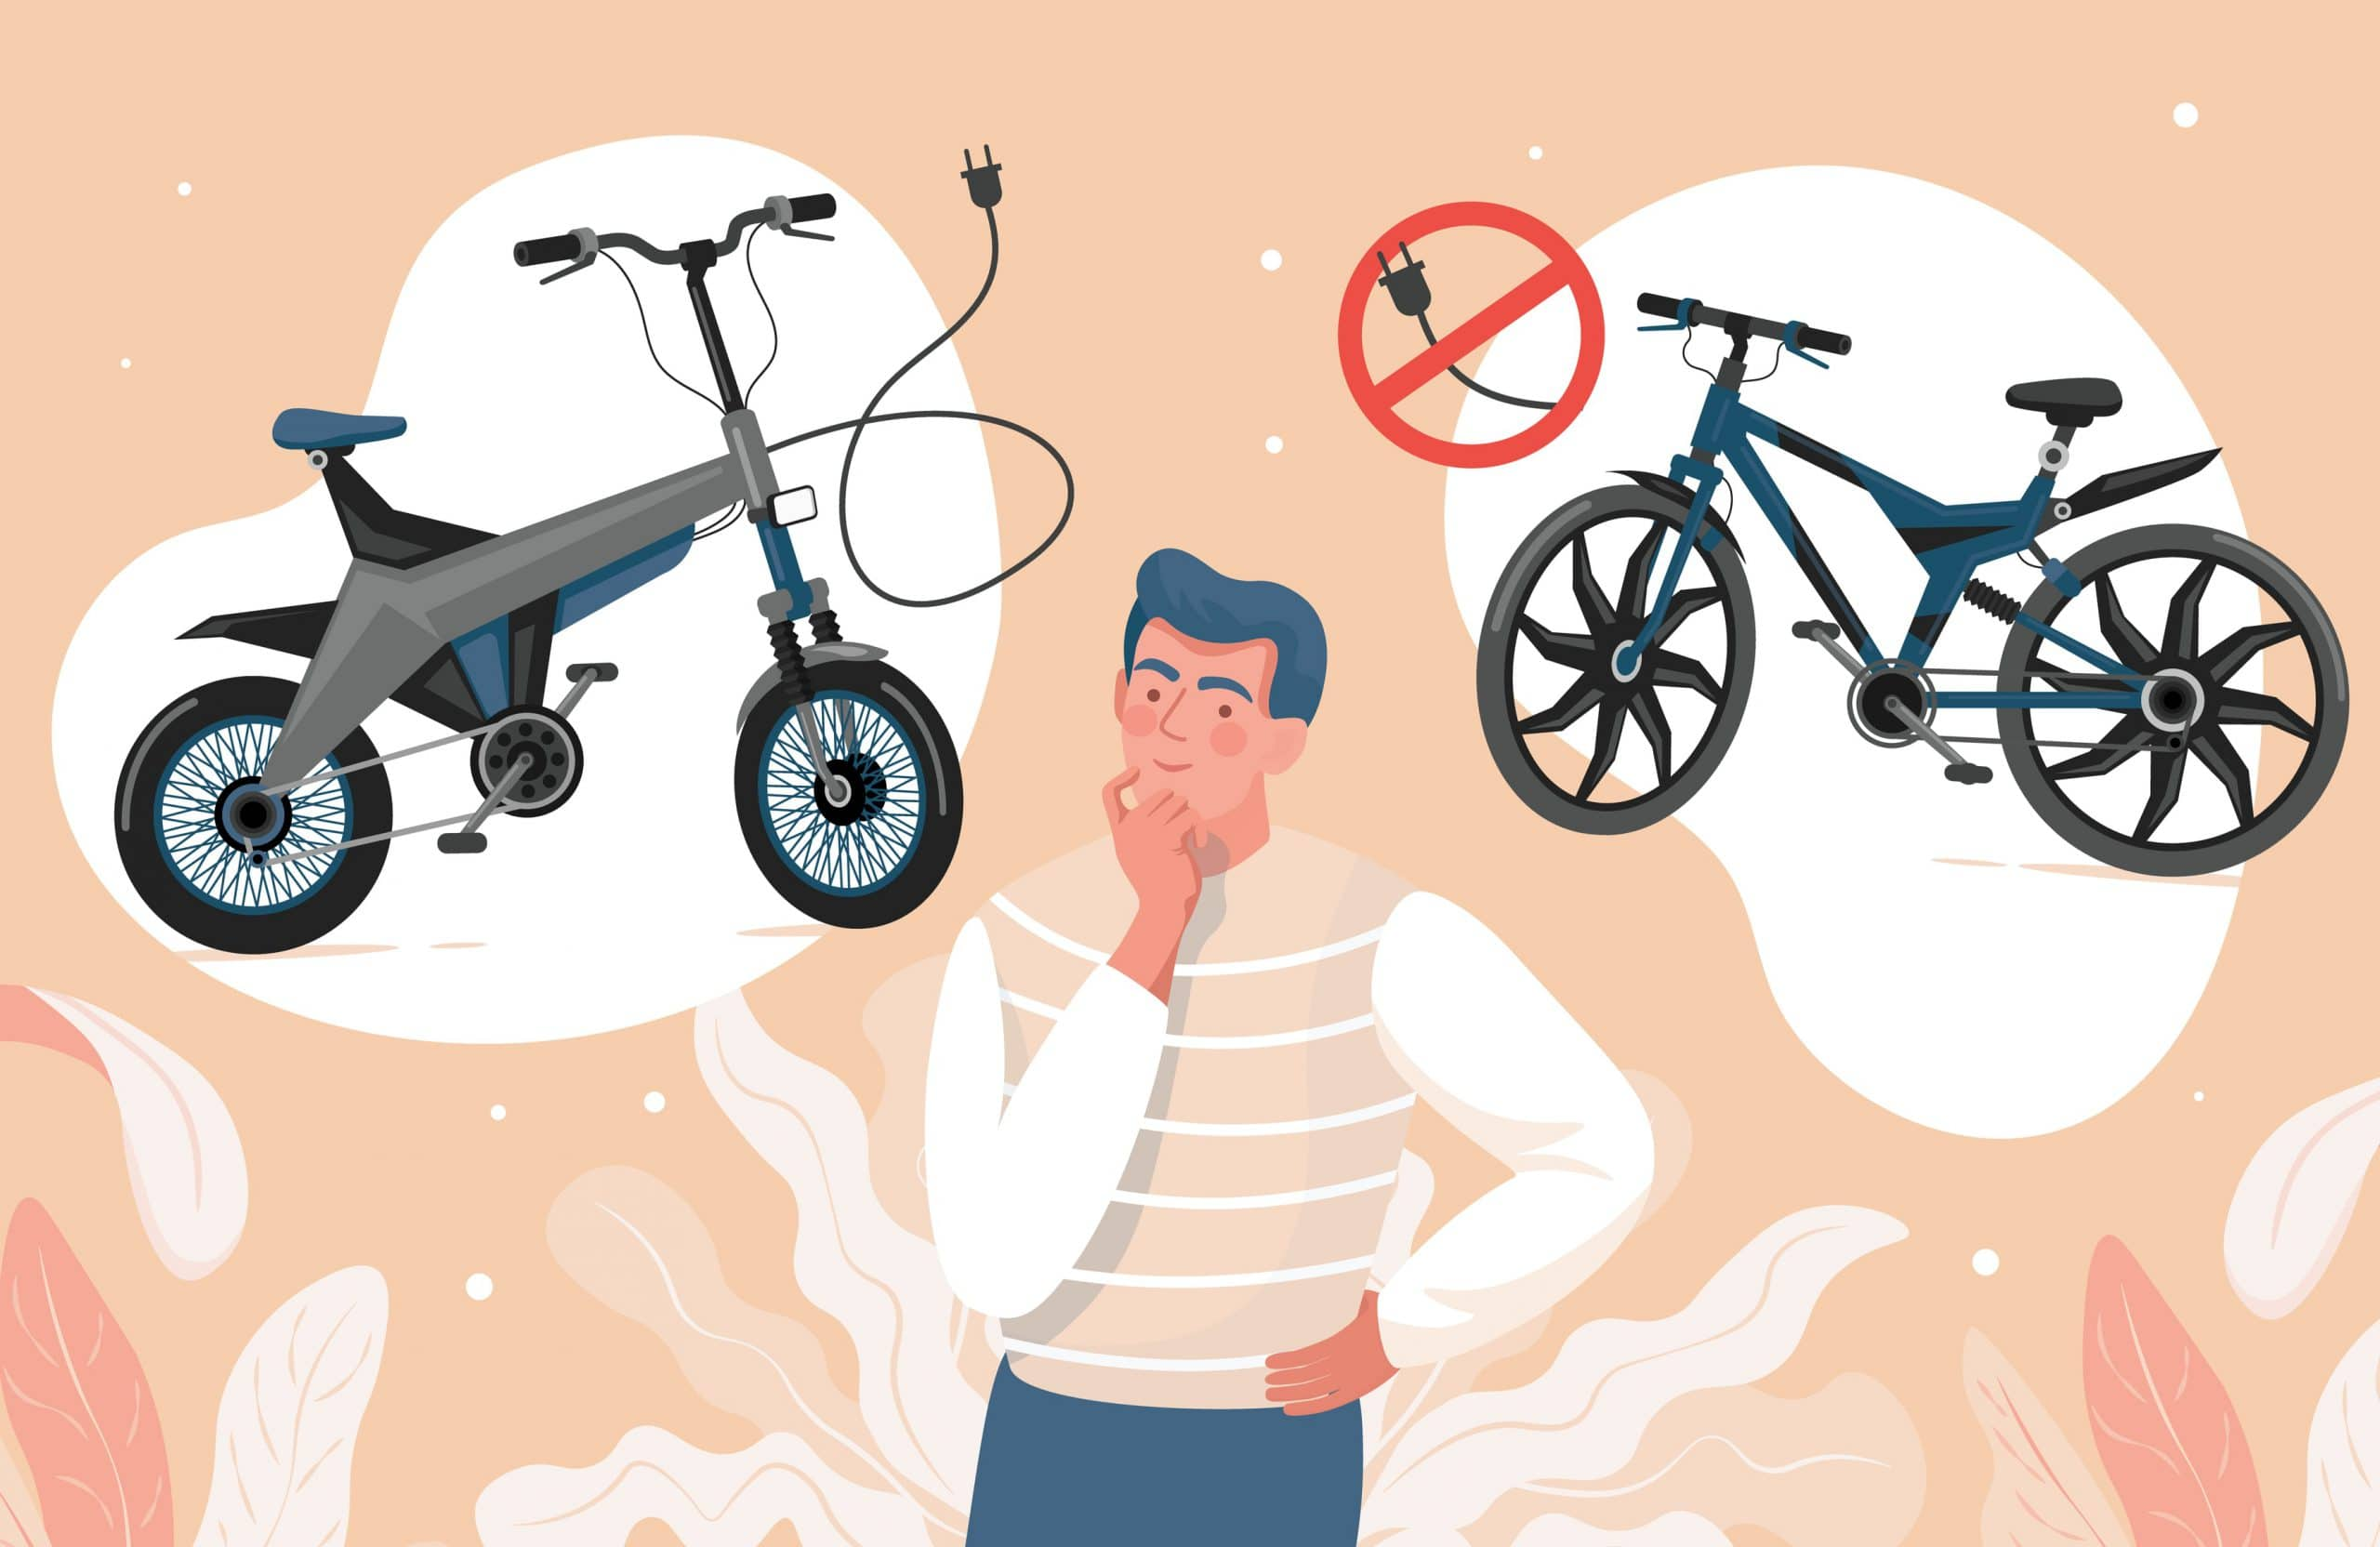 אופניים חשמליים איך לבחור